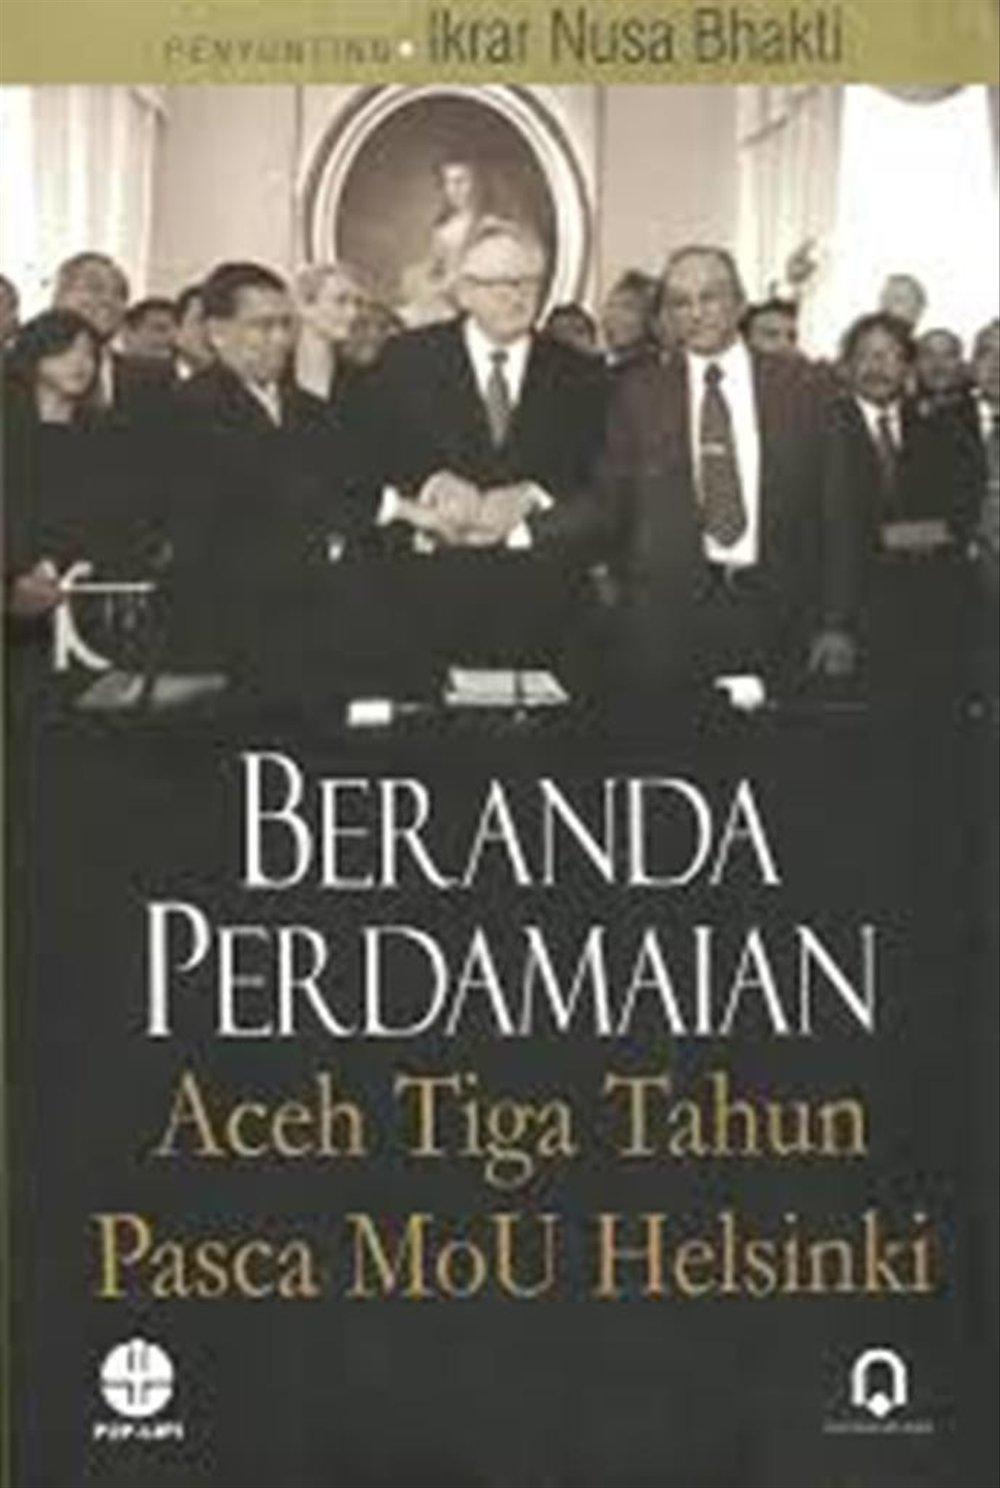 Beranda Perdamaian Aceh Tiga Tahun Pasca MoU Helsinki